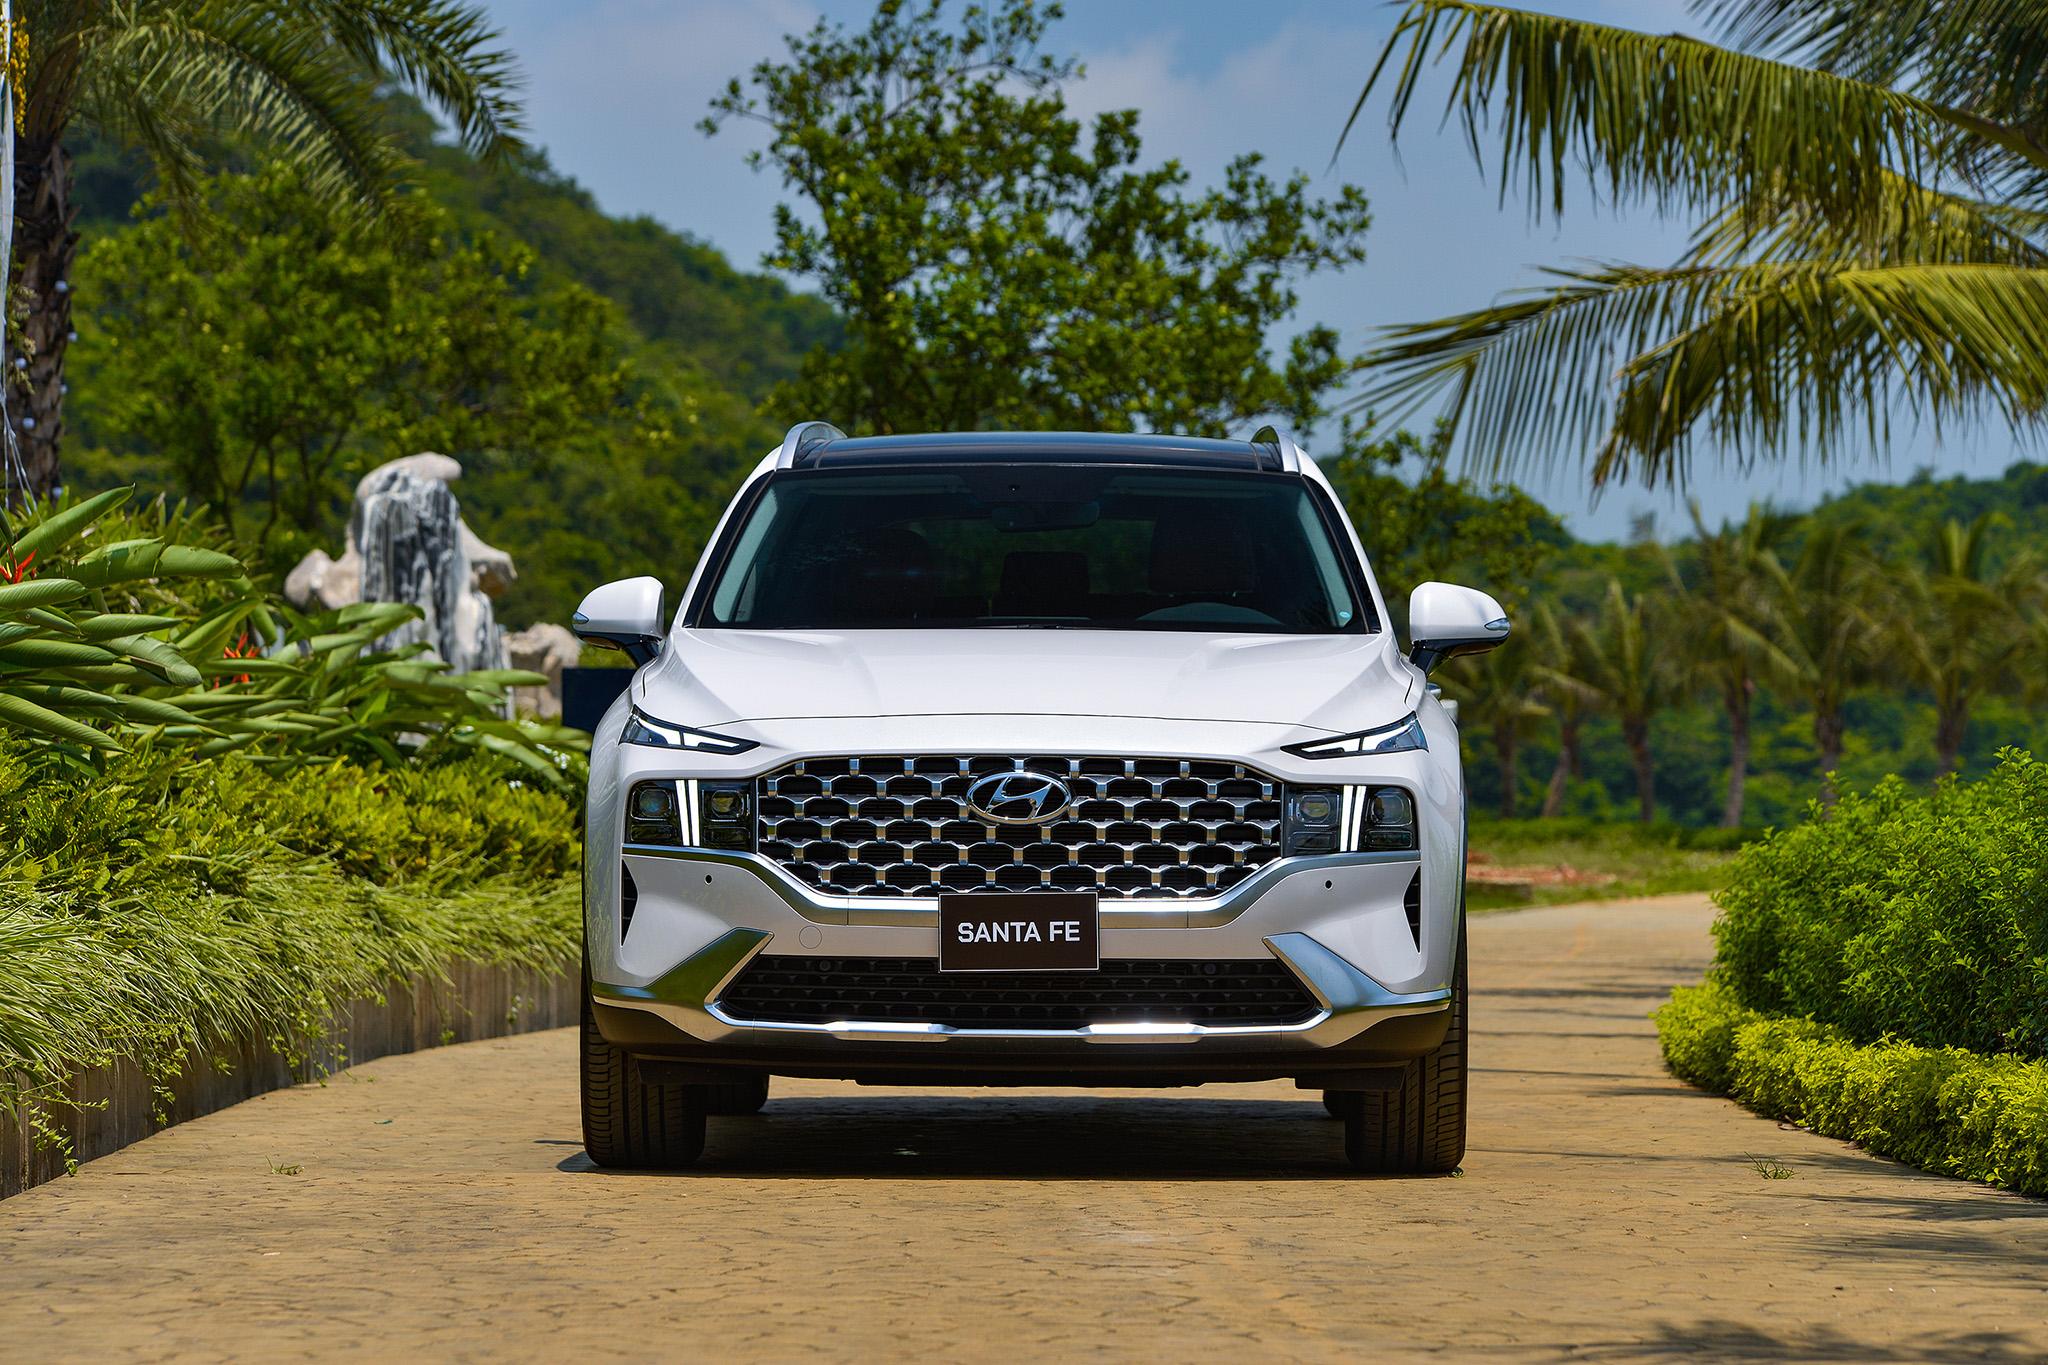 Hyundai Santa Fe 2021 chính thức ra mắt tại Việt Nam, giá từ 1,030 tỷ đồng hyundai-santa-fe-2021-19.jpeg